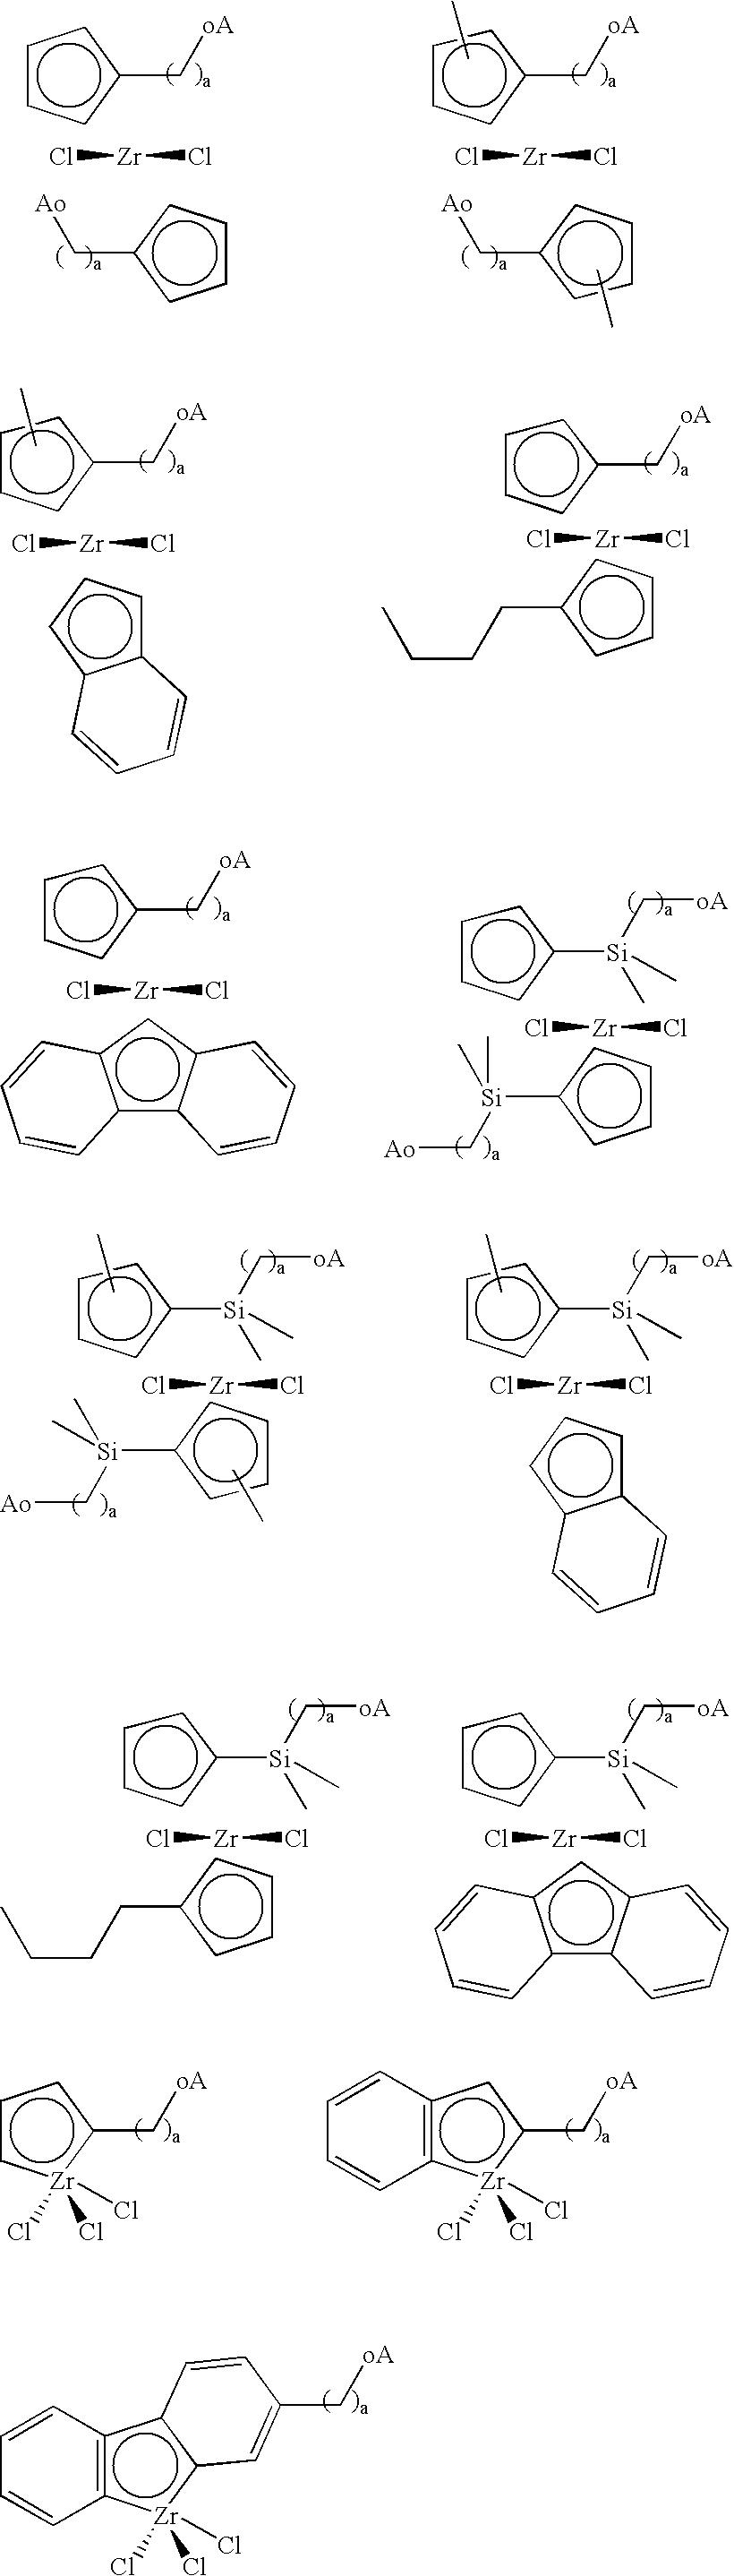 Figure US20060052238A1-20060309-C00005